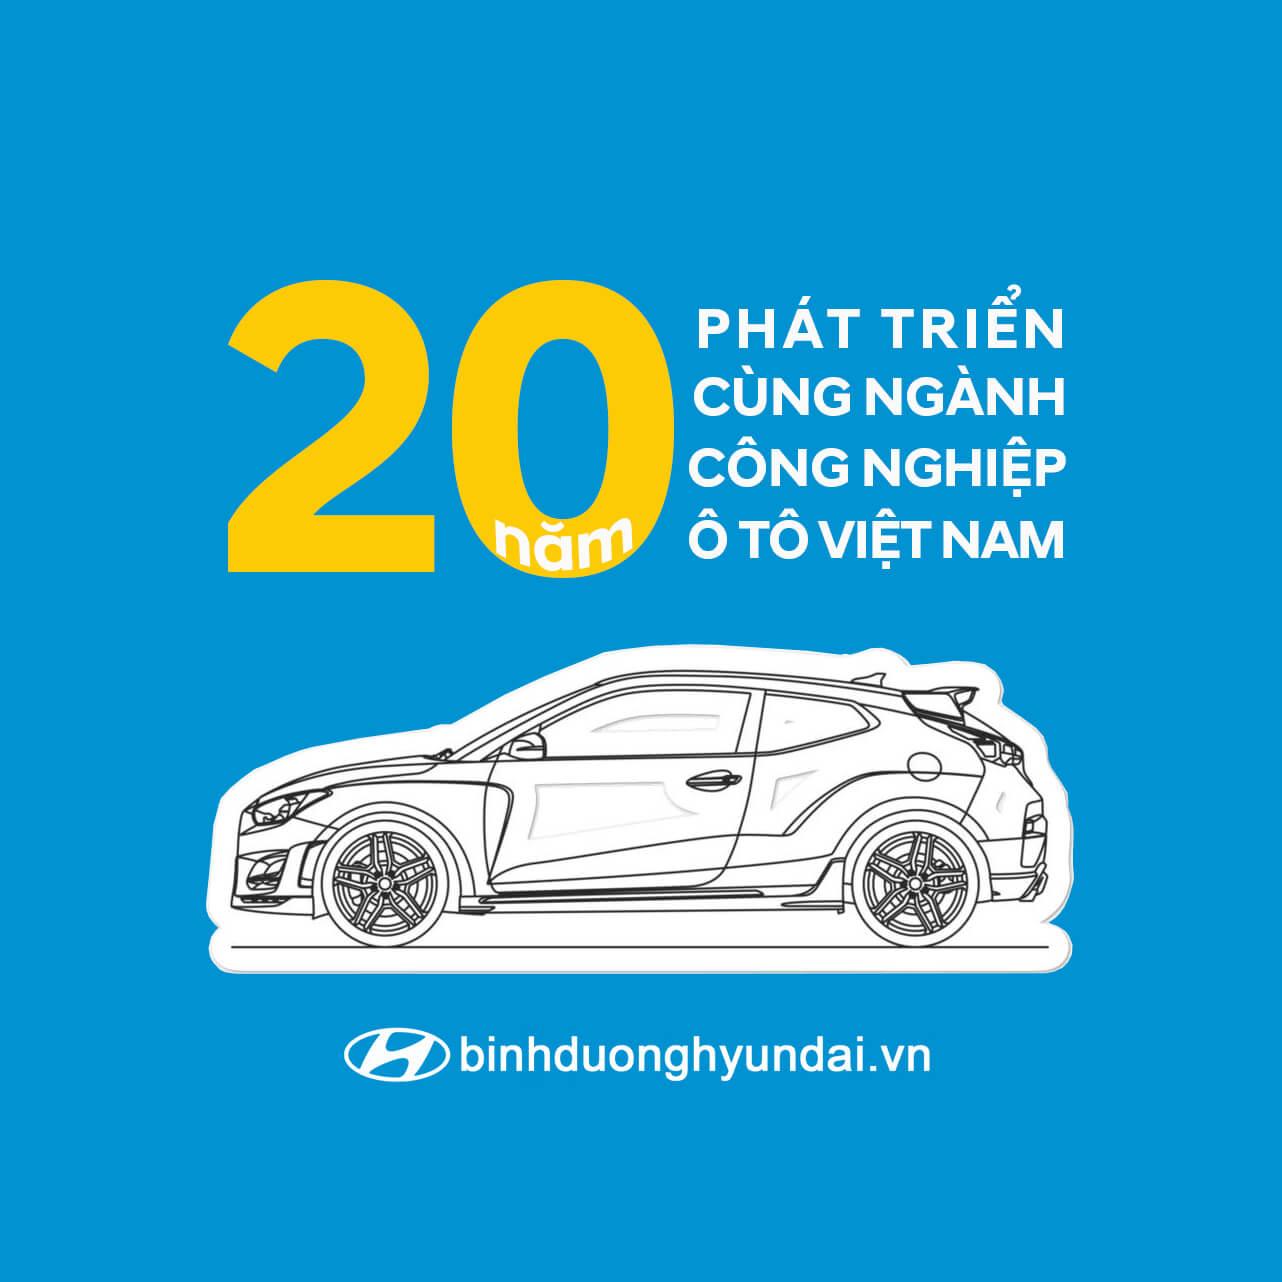 Giới thiệu Hyundai Bình Dương - Đại lý Hyundai Chính Hãng